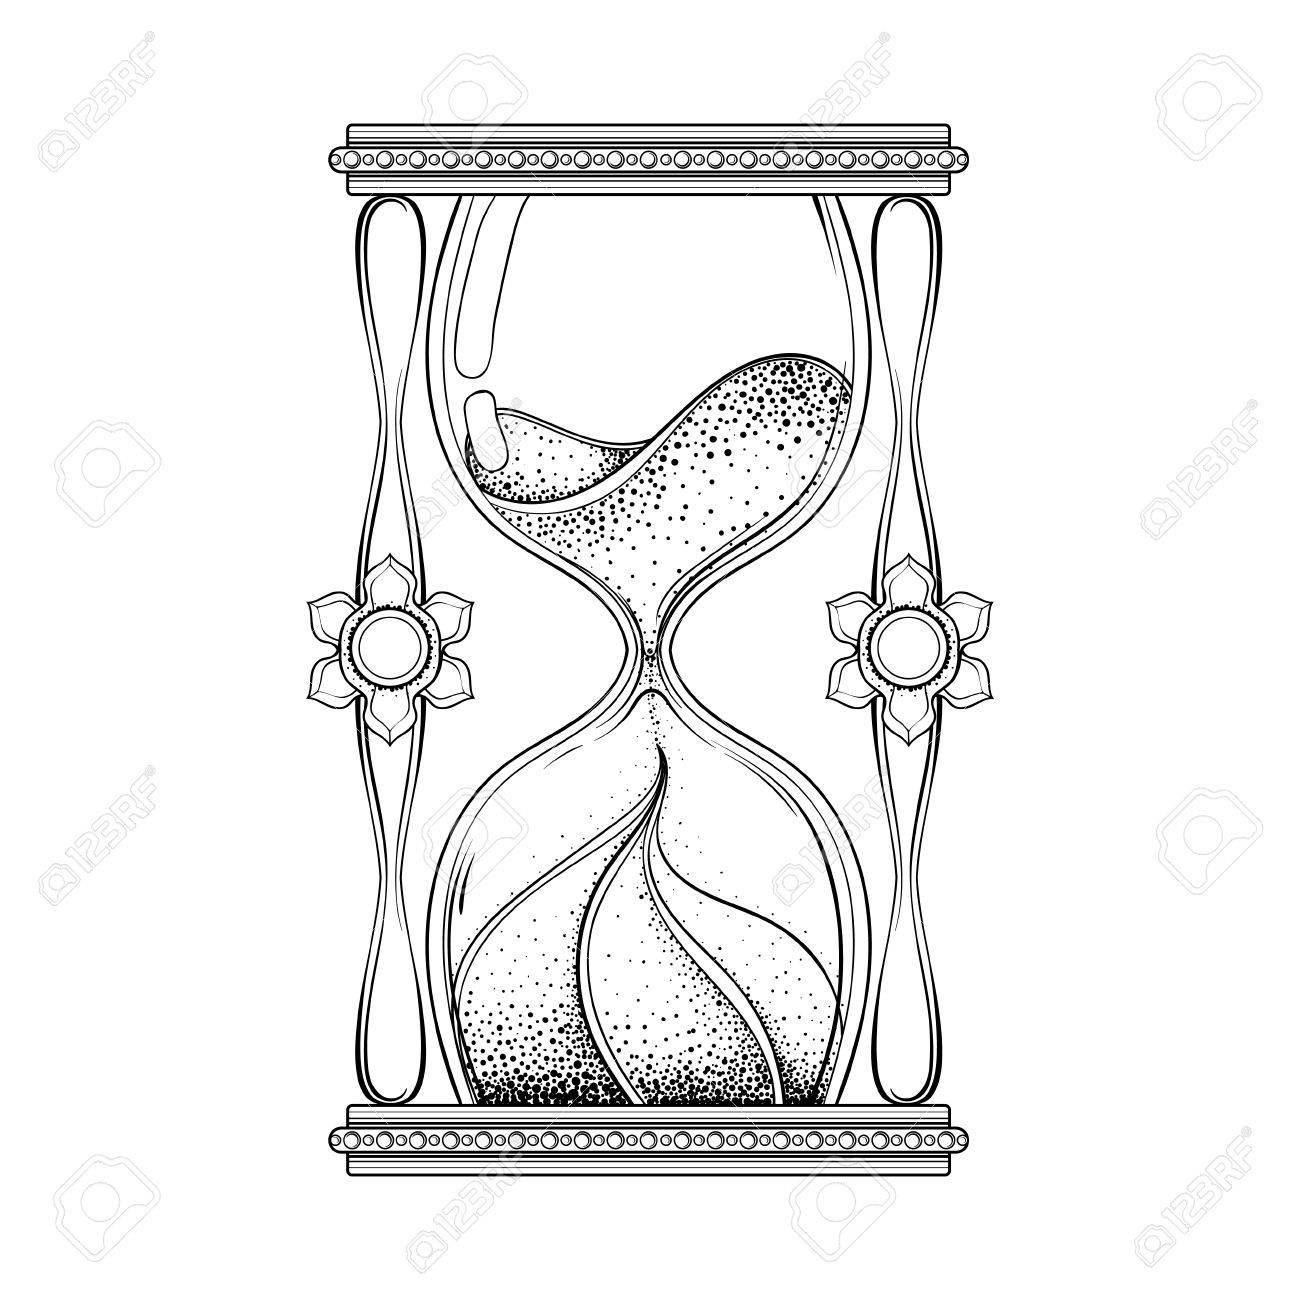 Antiguo Reloj De Arena Asistente De La Vendimia En El Diseño Del Tatuaje Dotwork Para La Impresión Alquimista Camiseta Adulto Libro De Colorear